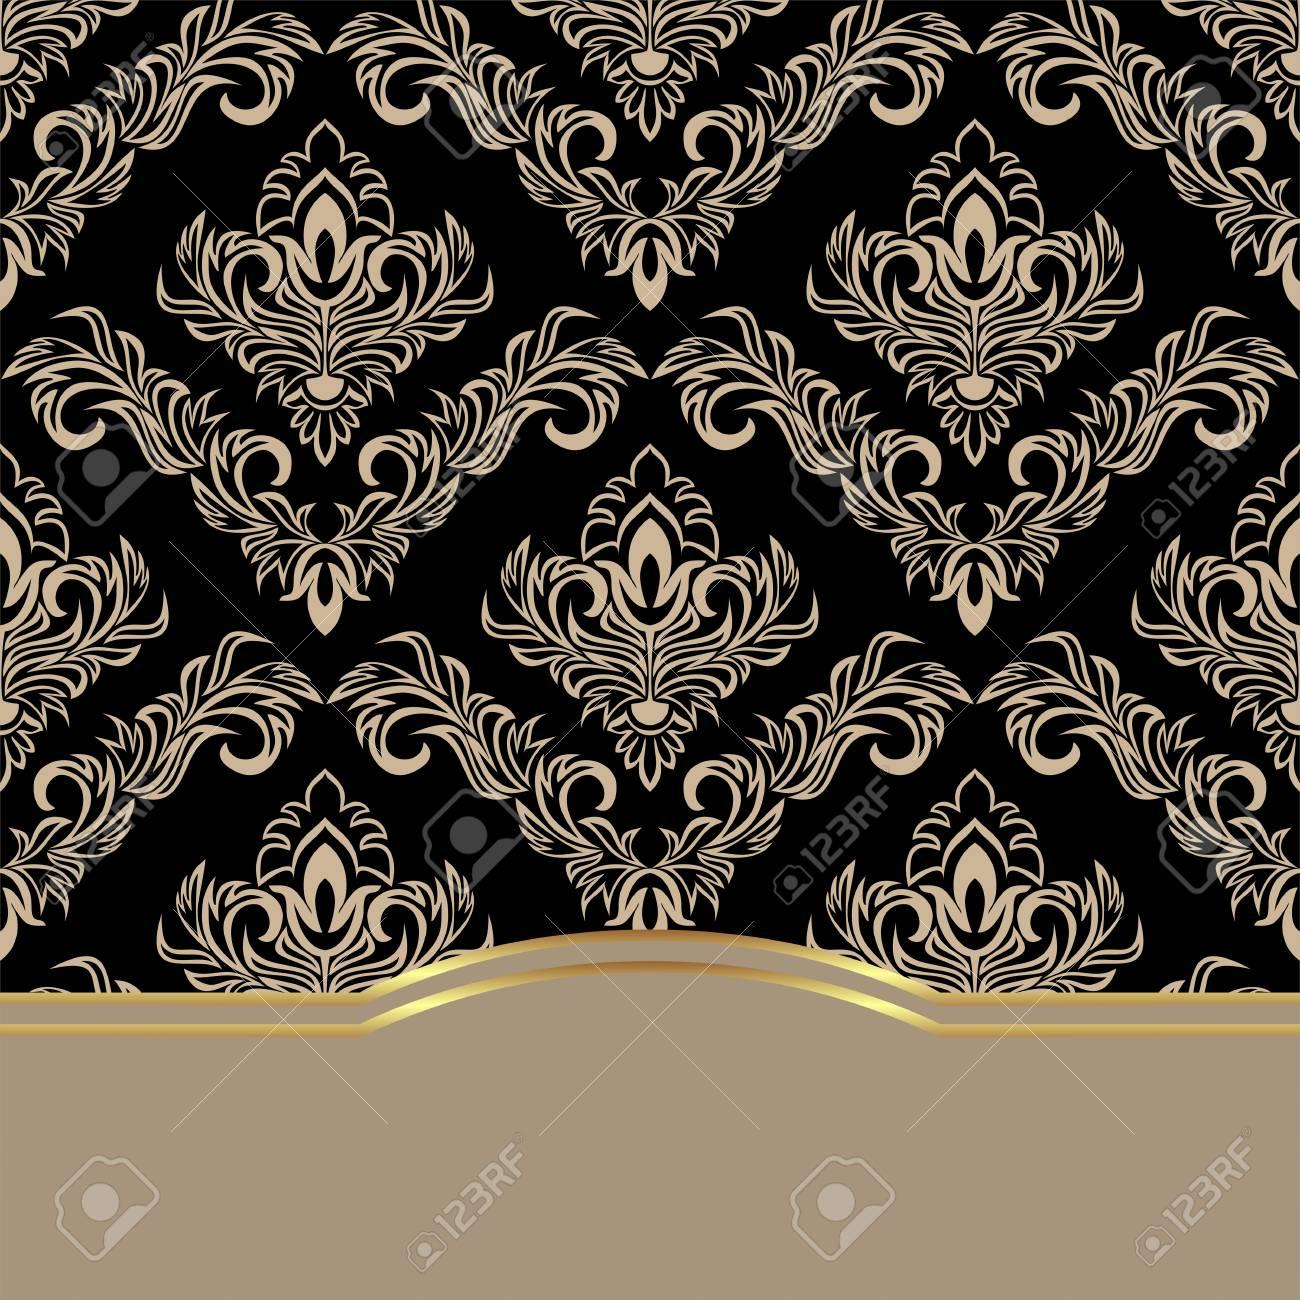 Luxury damask Background decorated the elegant Border - 103610161